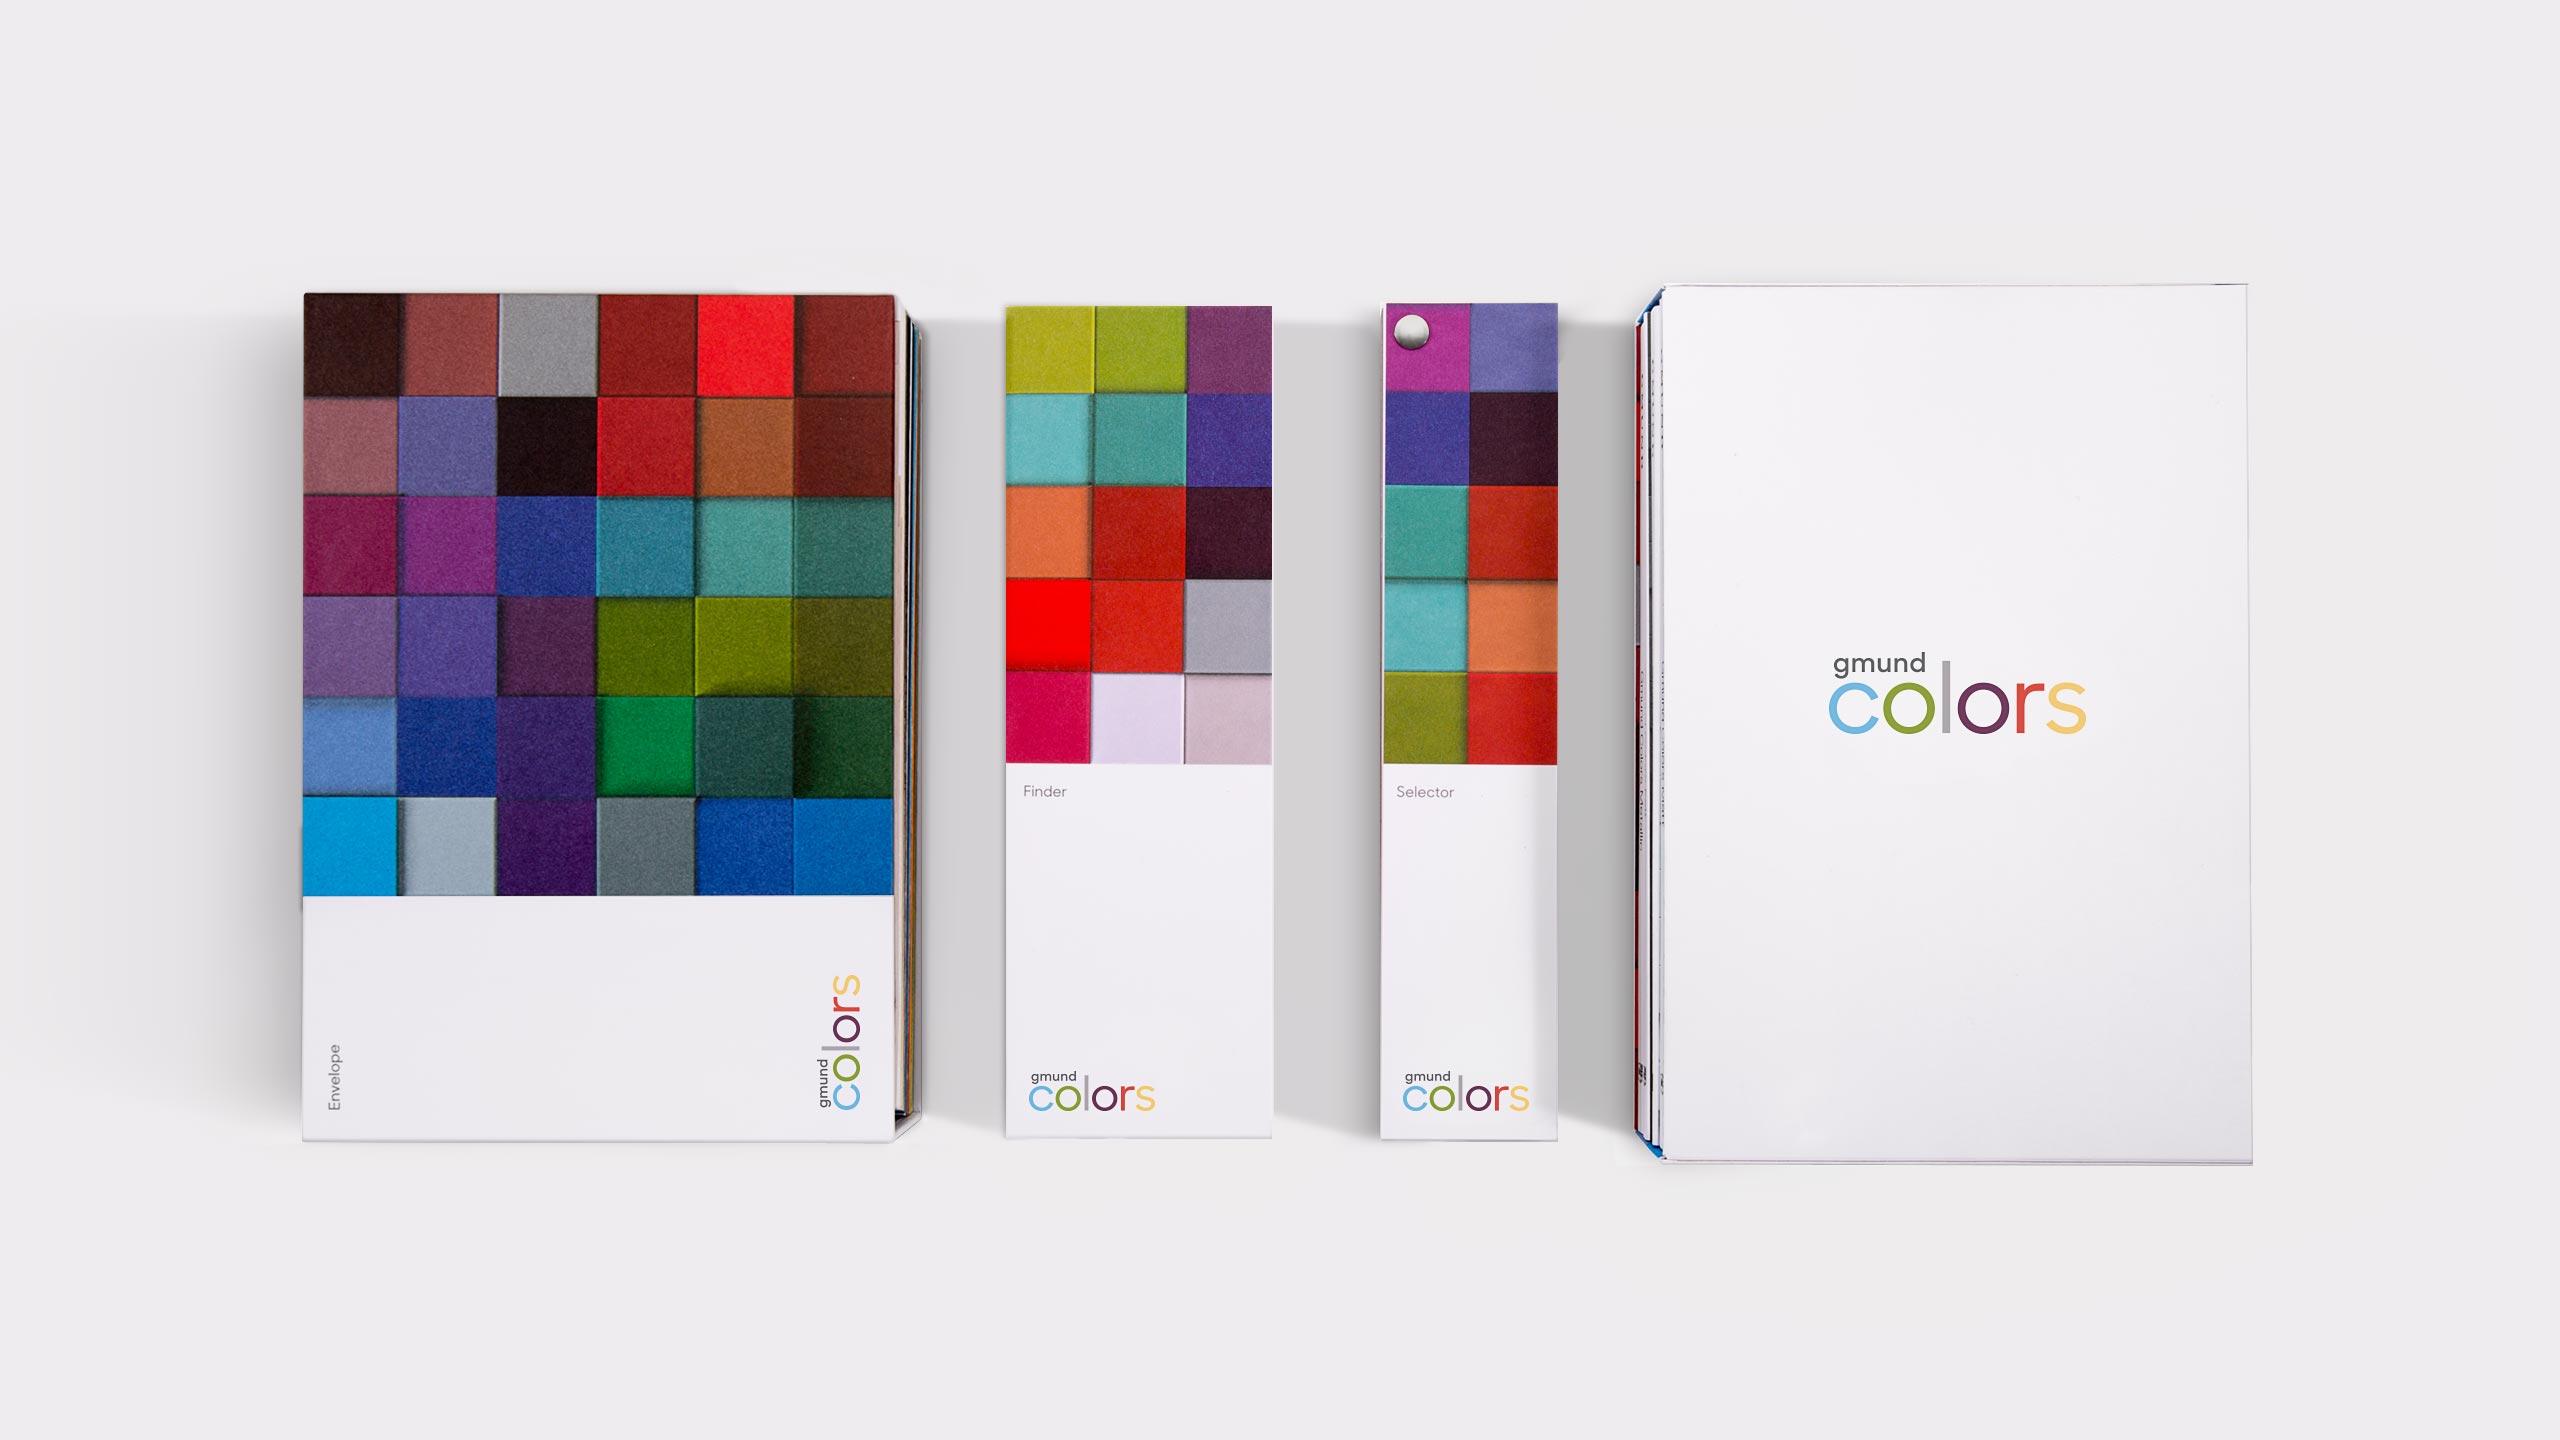 Gmund Colors Campaign - Envelope finder selector